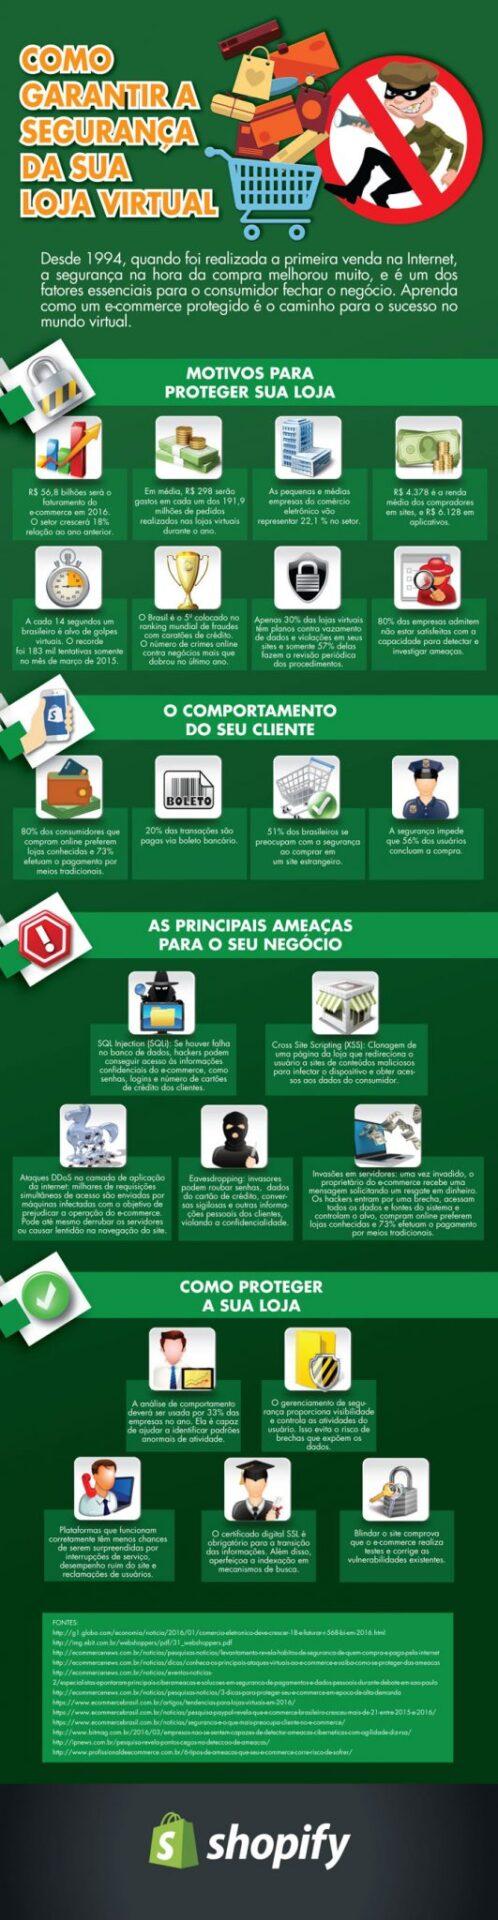 Infográfico: como garantir a segurança da sua loja virtual